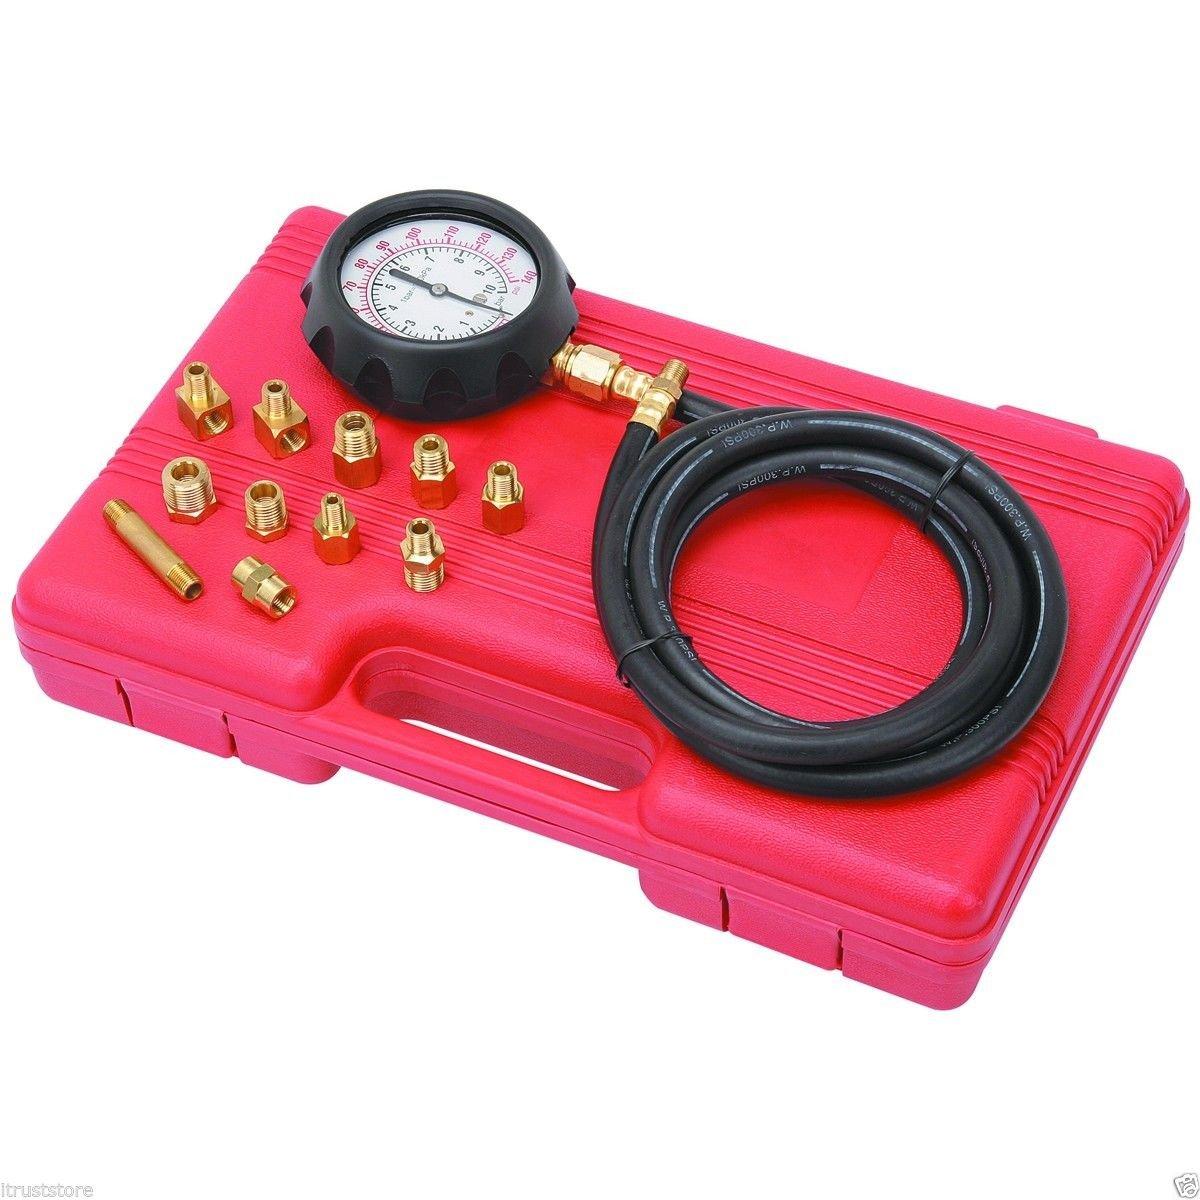 14 piece Engine Oil Pressure Tester Test Gauge Diagnostic Test Tool Set Kit by Jecr (Image #3)